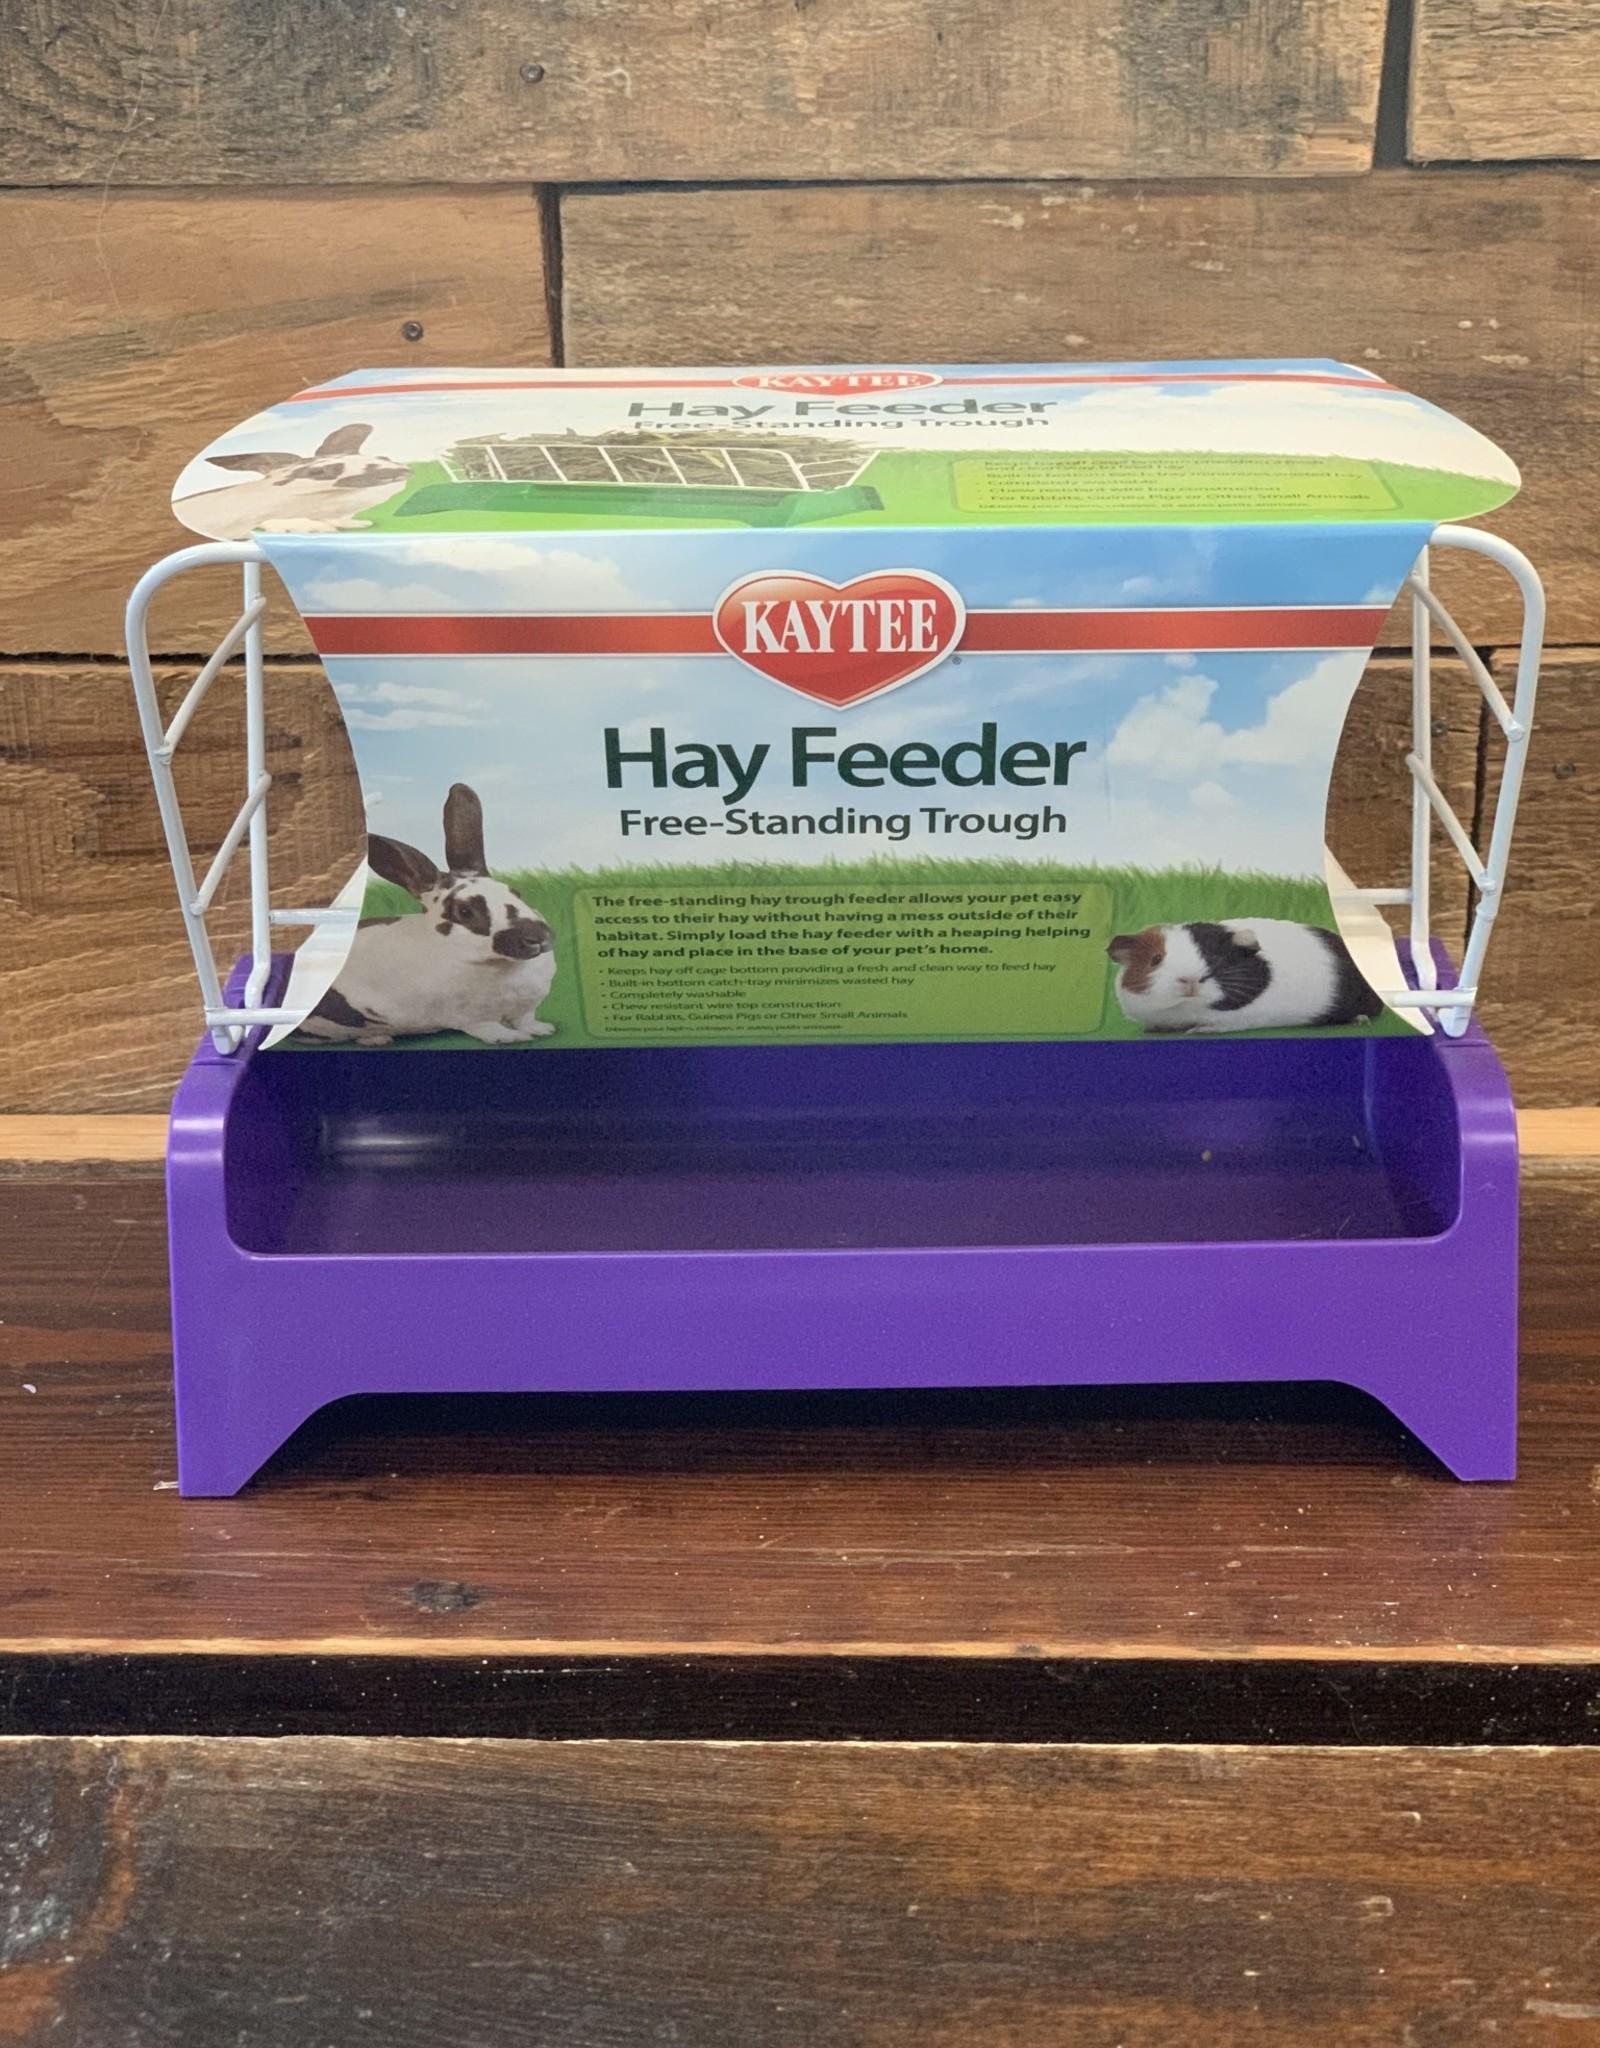 Kaytee Hay Feeder Trough Free Standing